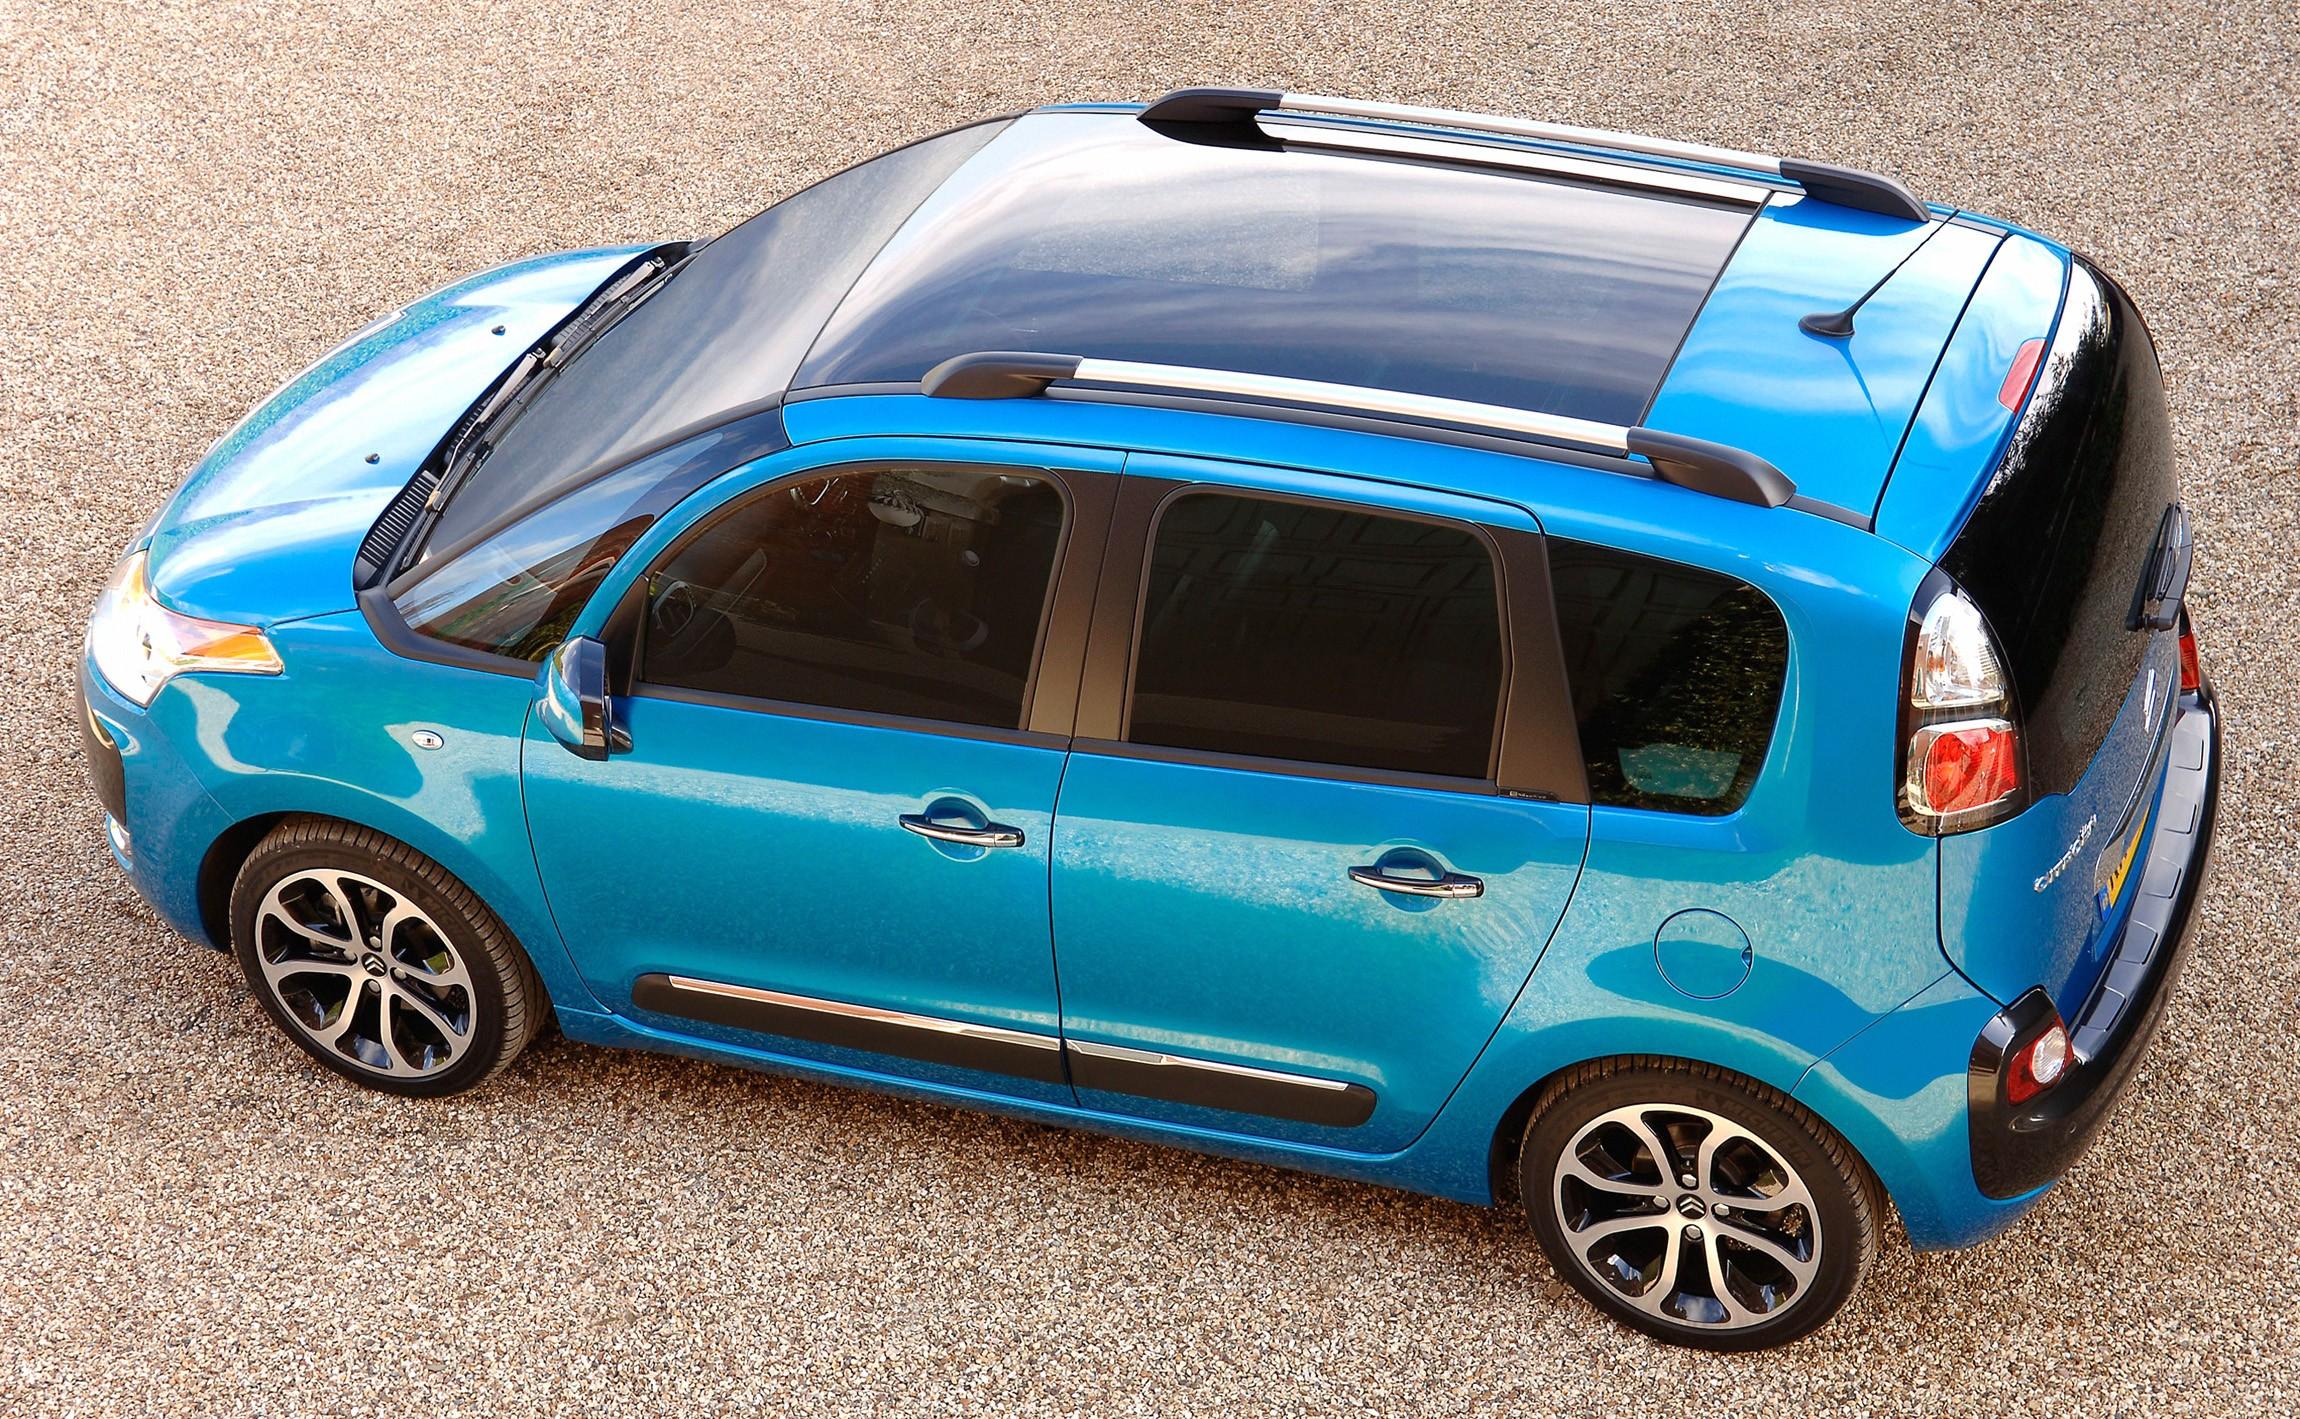 Citroen C3 Picasso Specs 2008 2009 2010 2011 2012